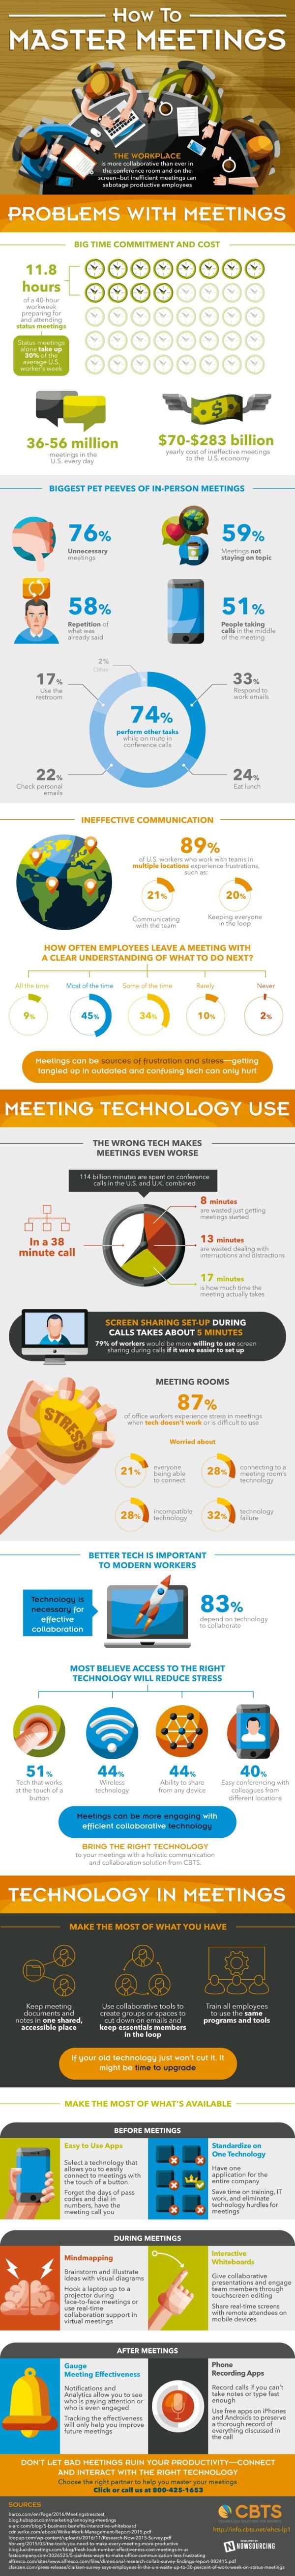 Apprenez à maîtriser les réunions avec la bonne technologie